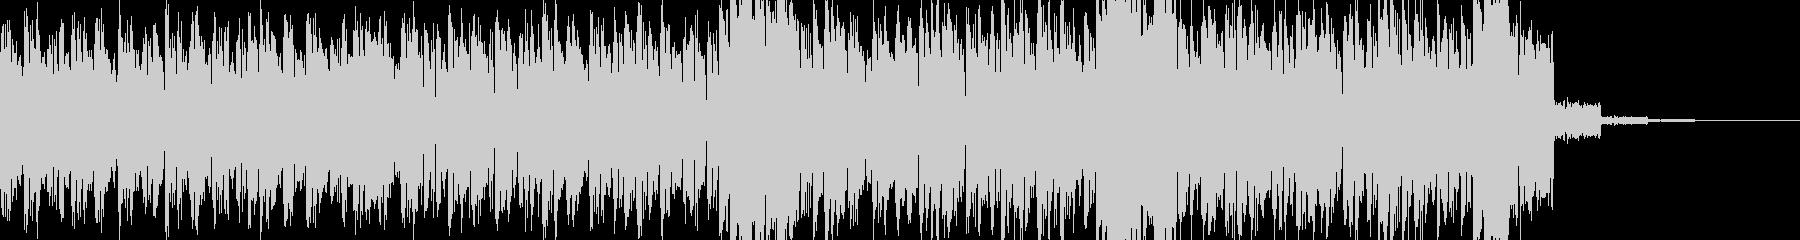 過激な音色構成のテクノ+トランス SAの未再生の波形